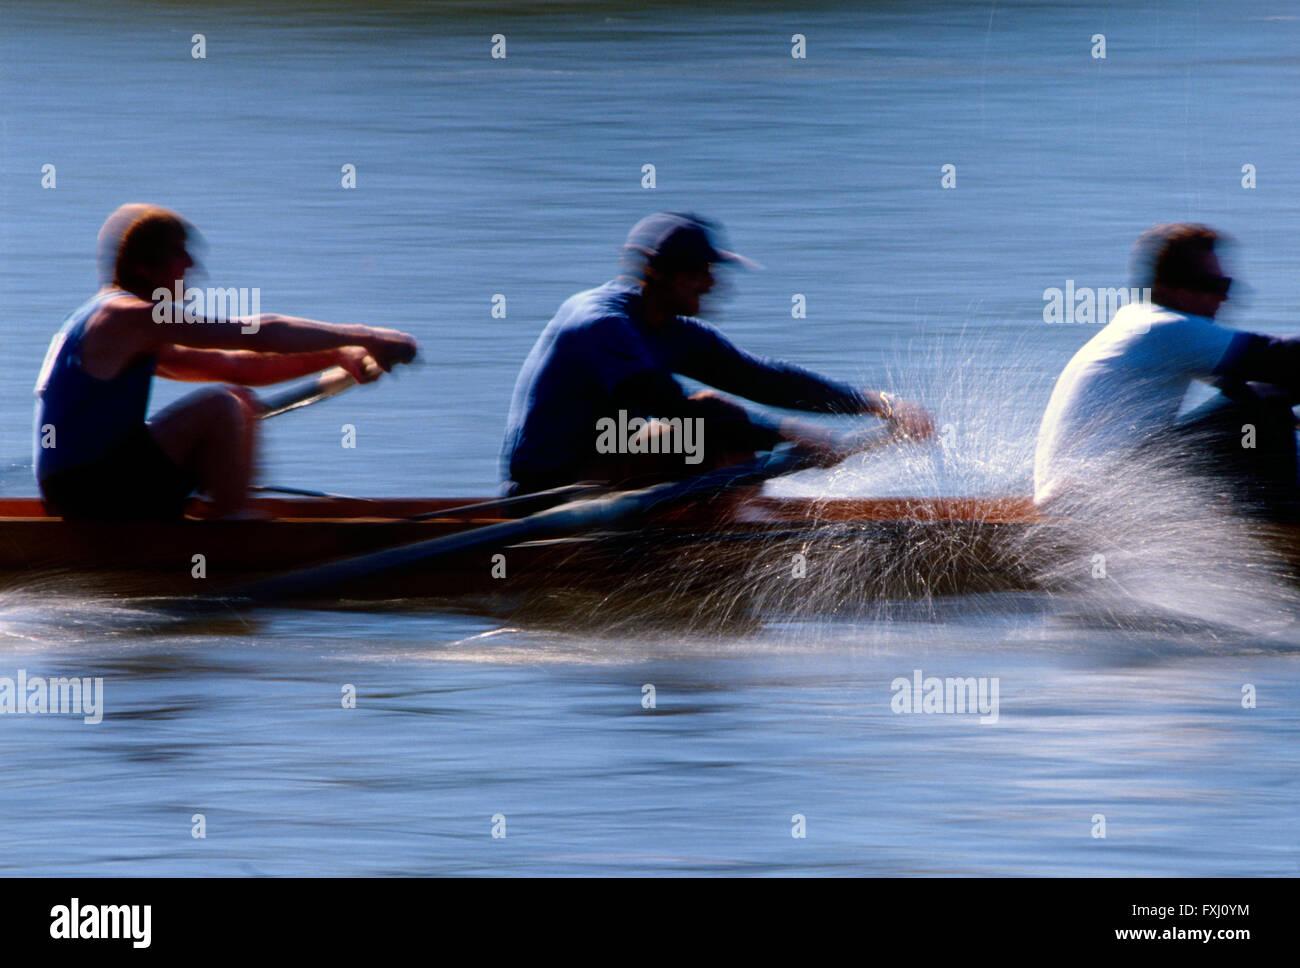 Motion Blur vista panorámica de scullers remando en la cabeza de la regata; Río Schuykill Schuylkill; Imagen De Stock